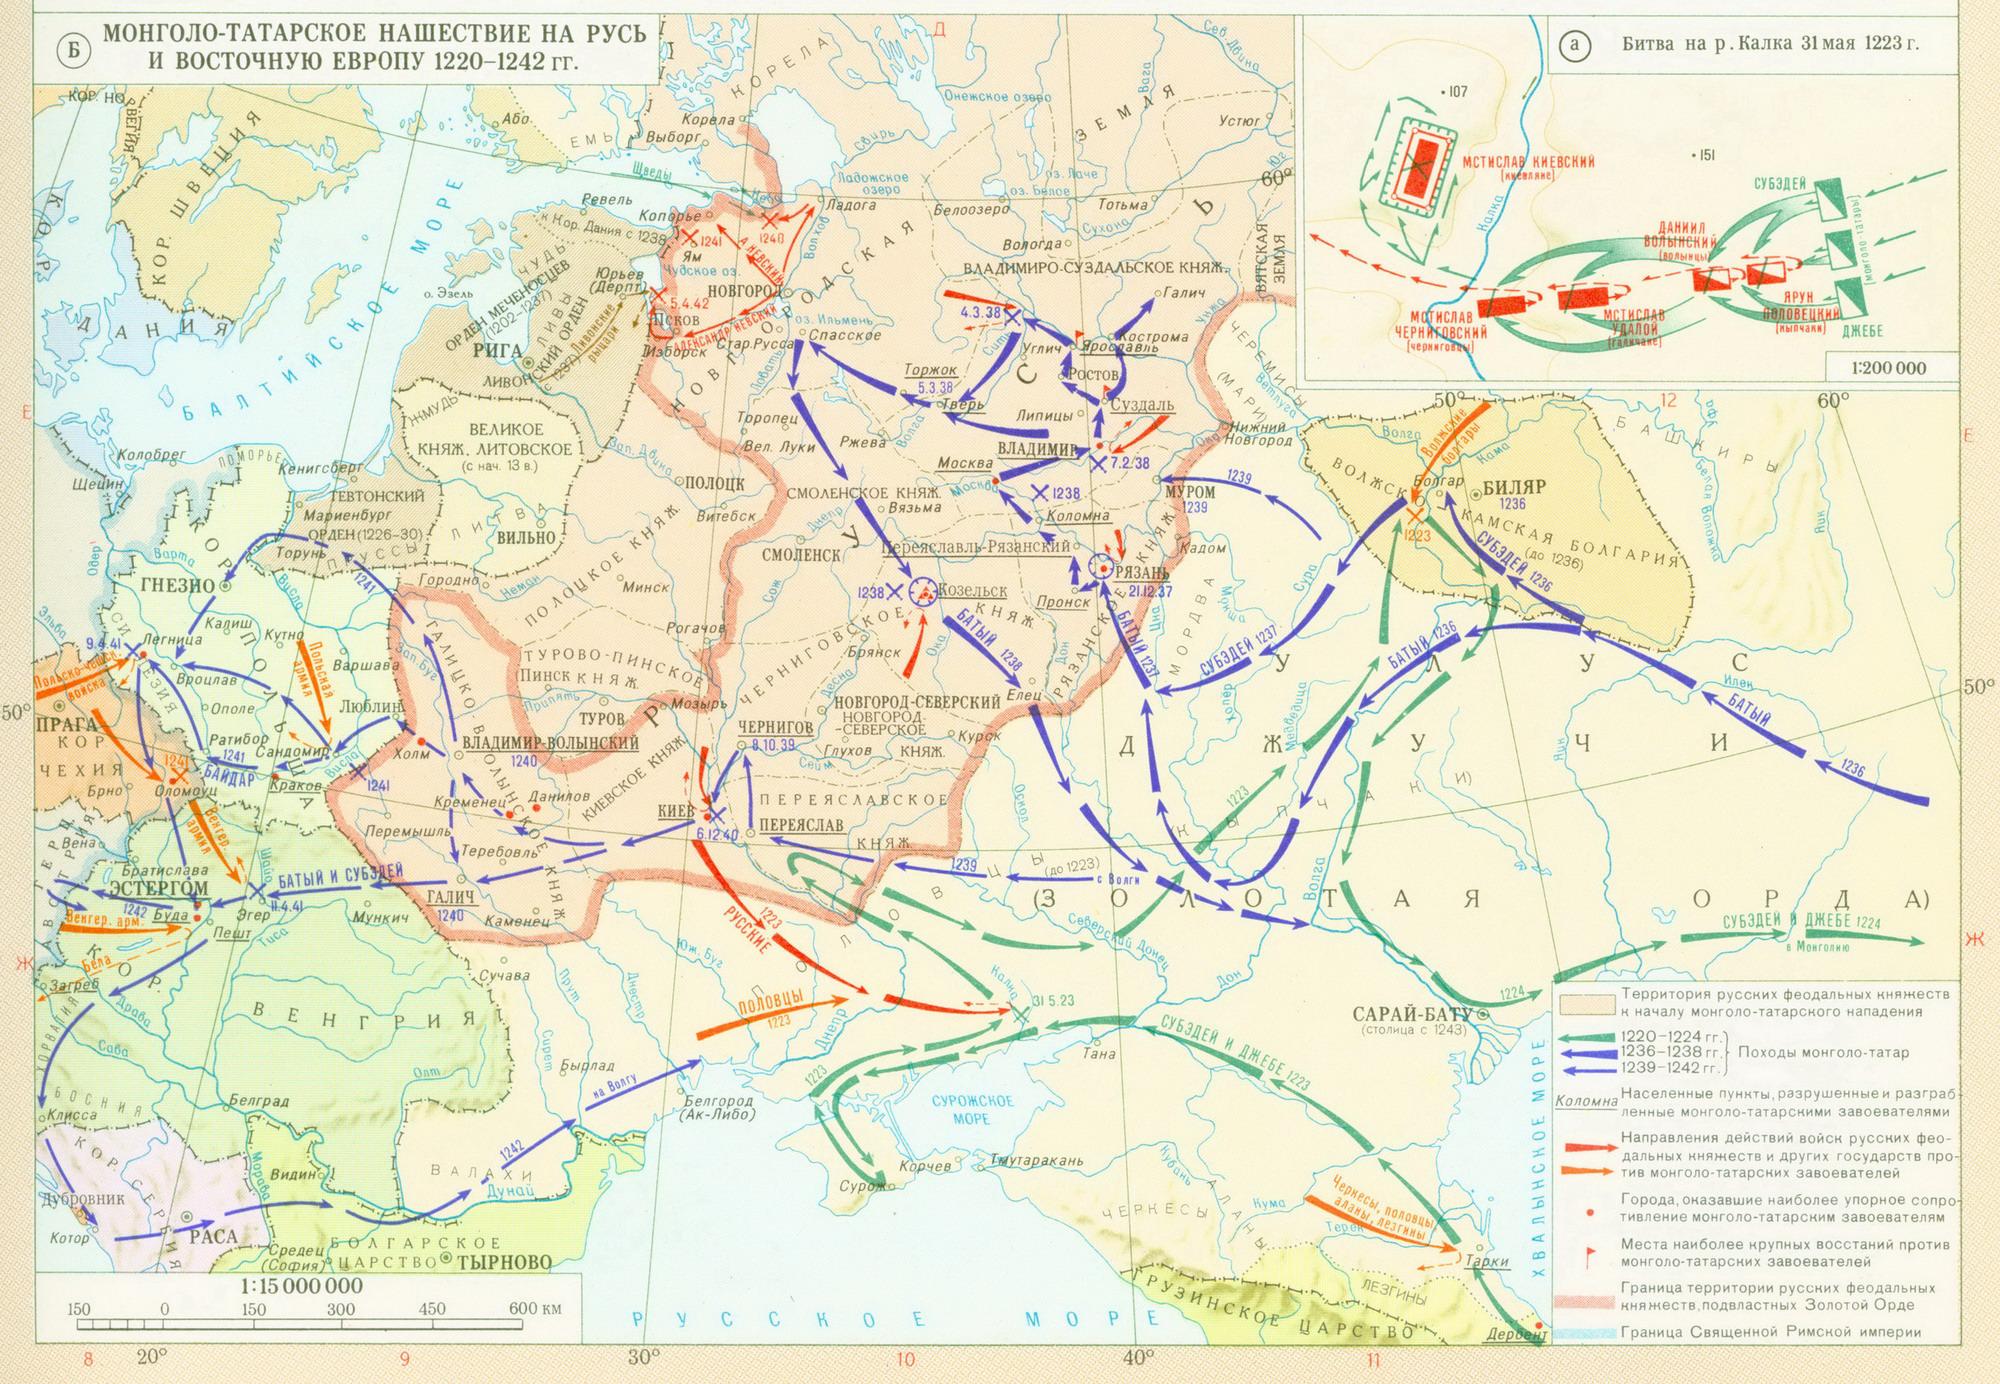 первая встреча с монголами